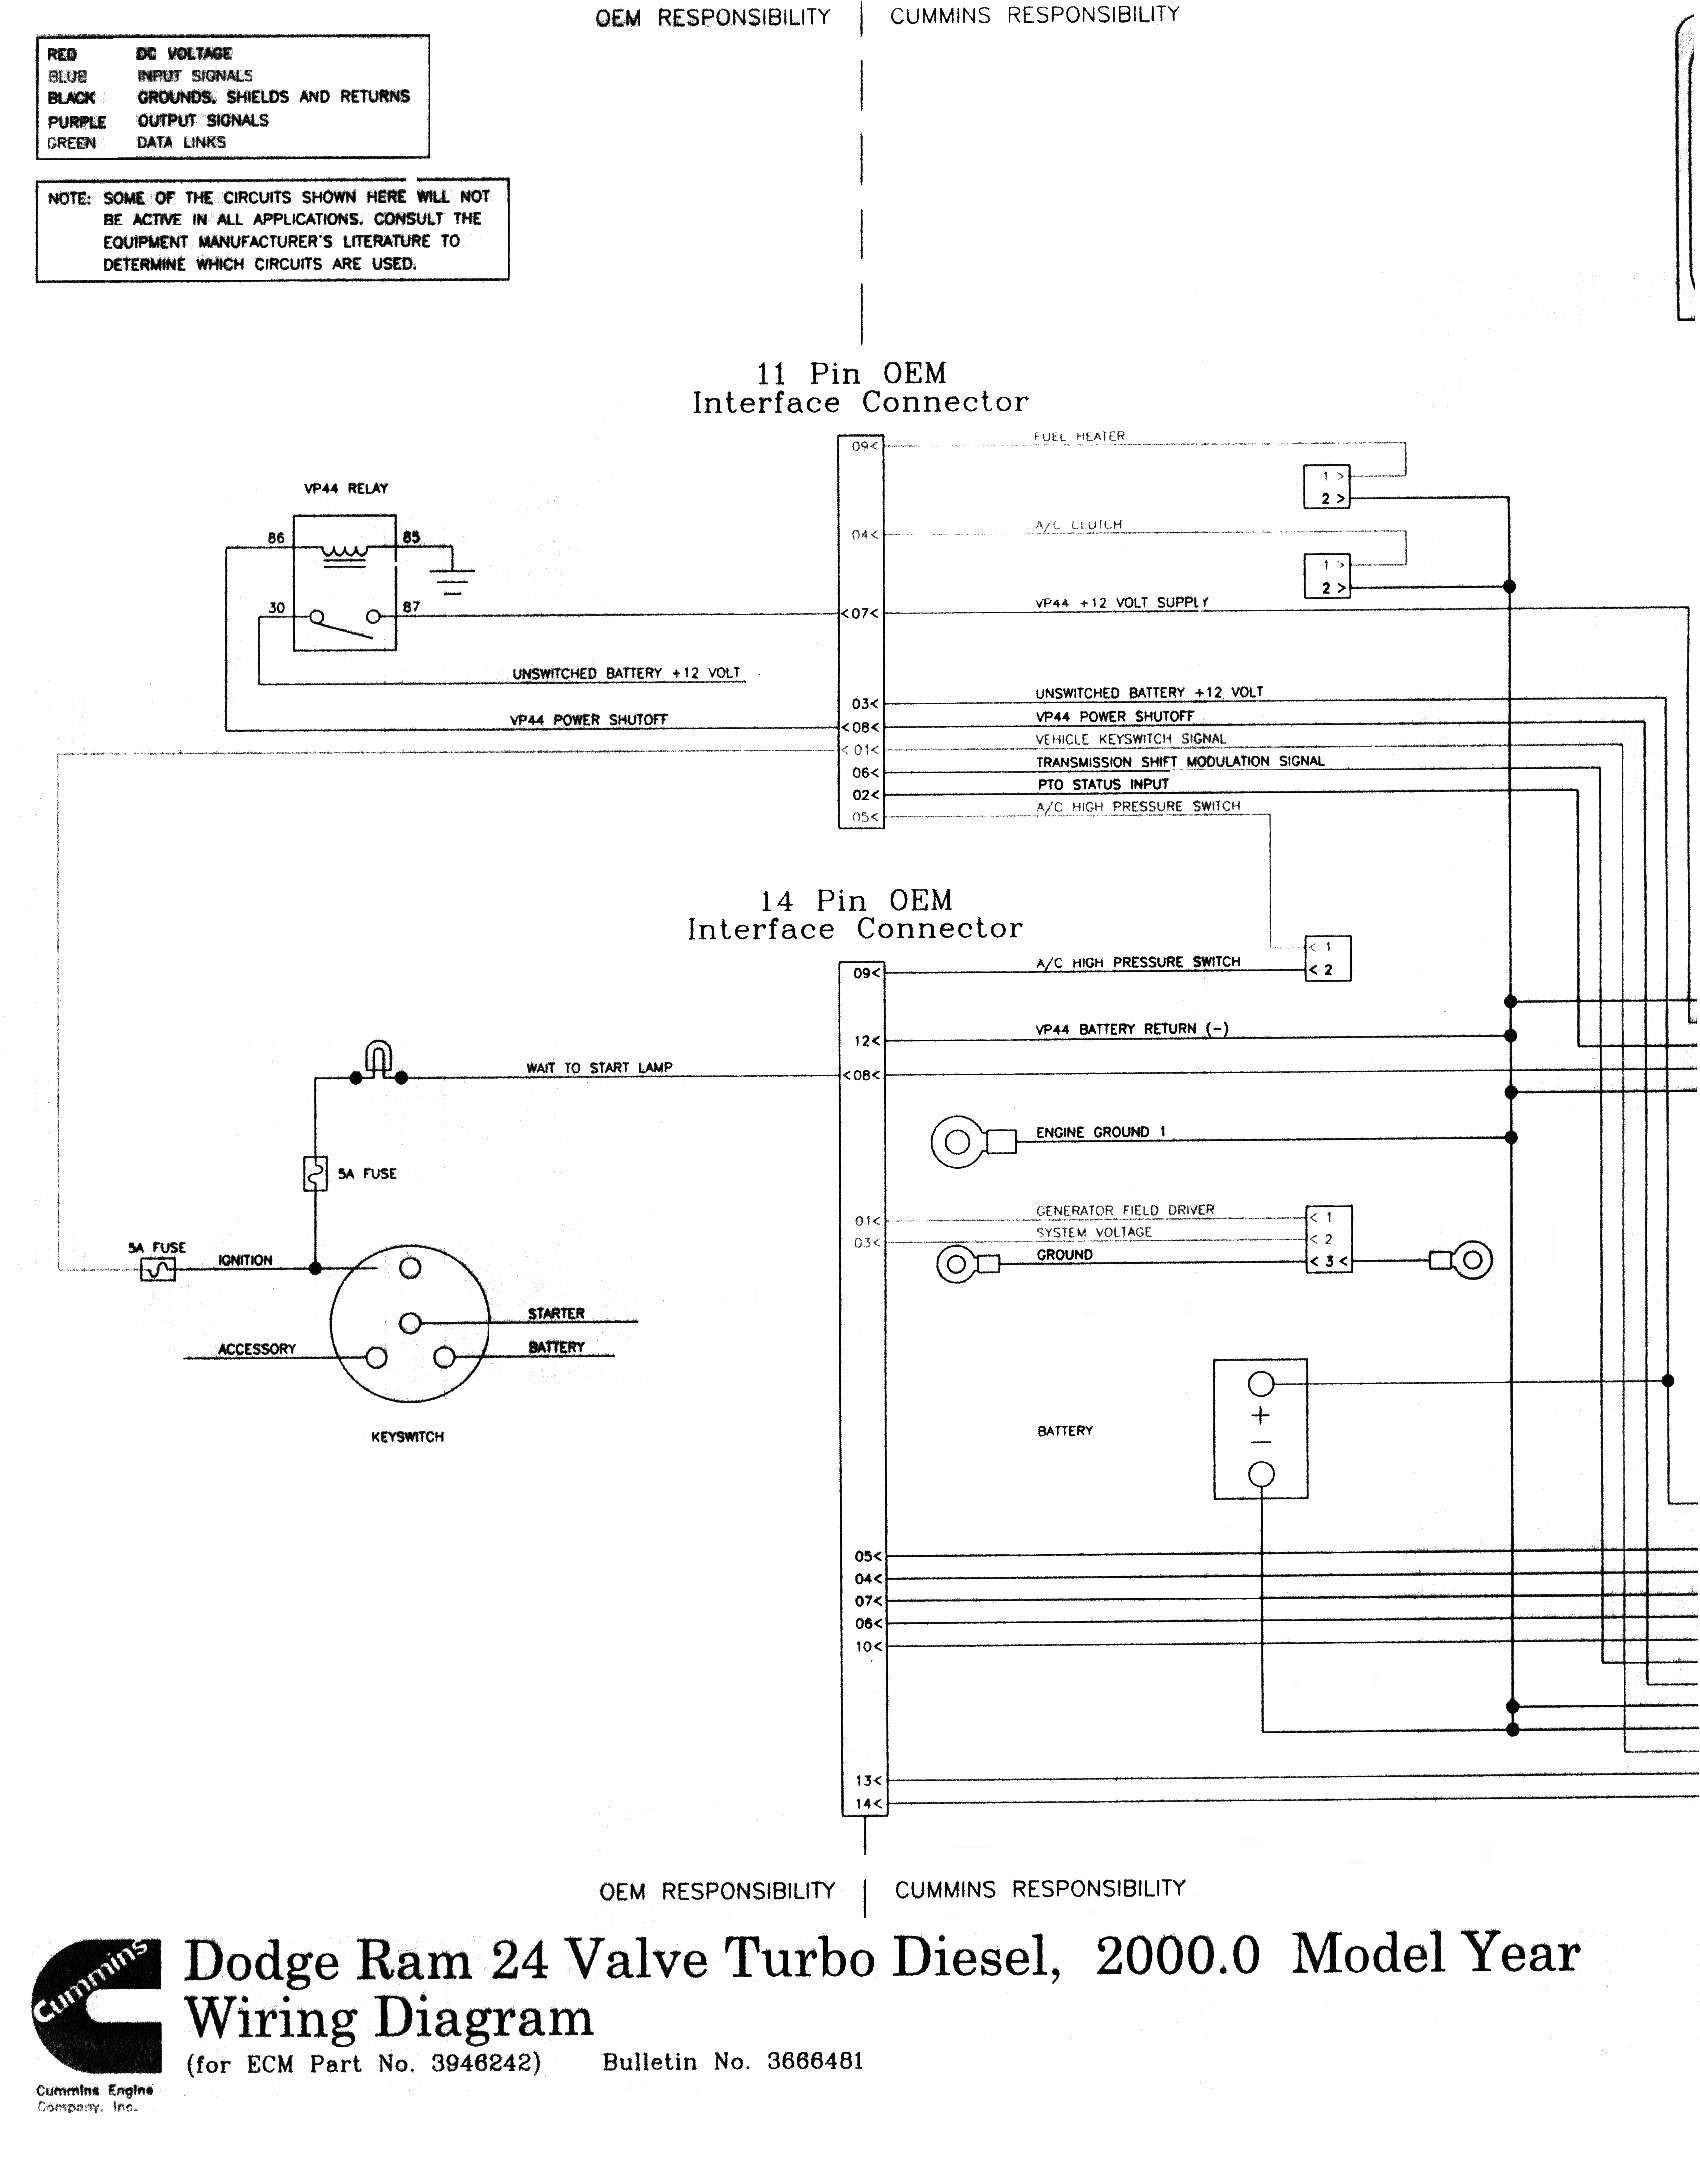 2002 dodge ram 1500 parts diagram wiring diagram 2007 dodge ram 1500 2002 dodge ram 1500 parts diagram wiring diagram 2007 dodge ram 1500 best ecm details for 1998 2002 cheapraybanclubmaster Images